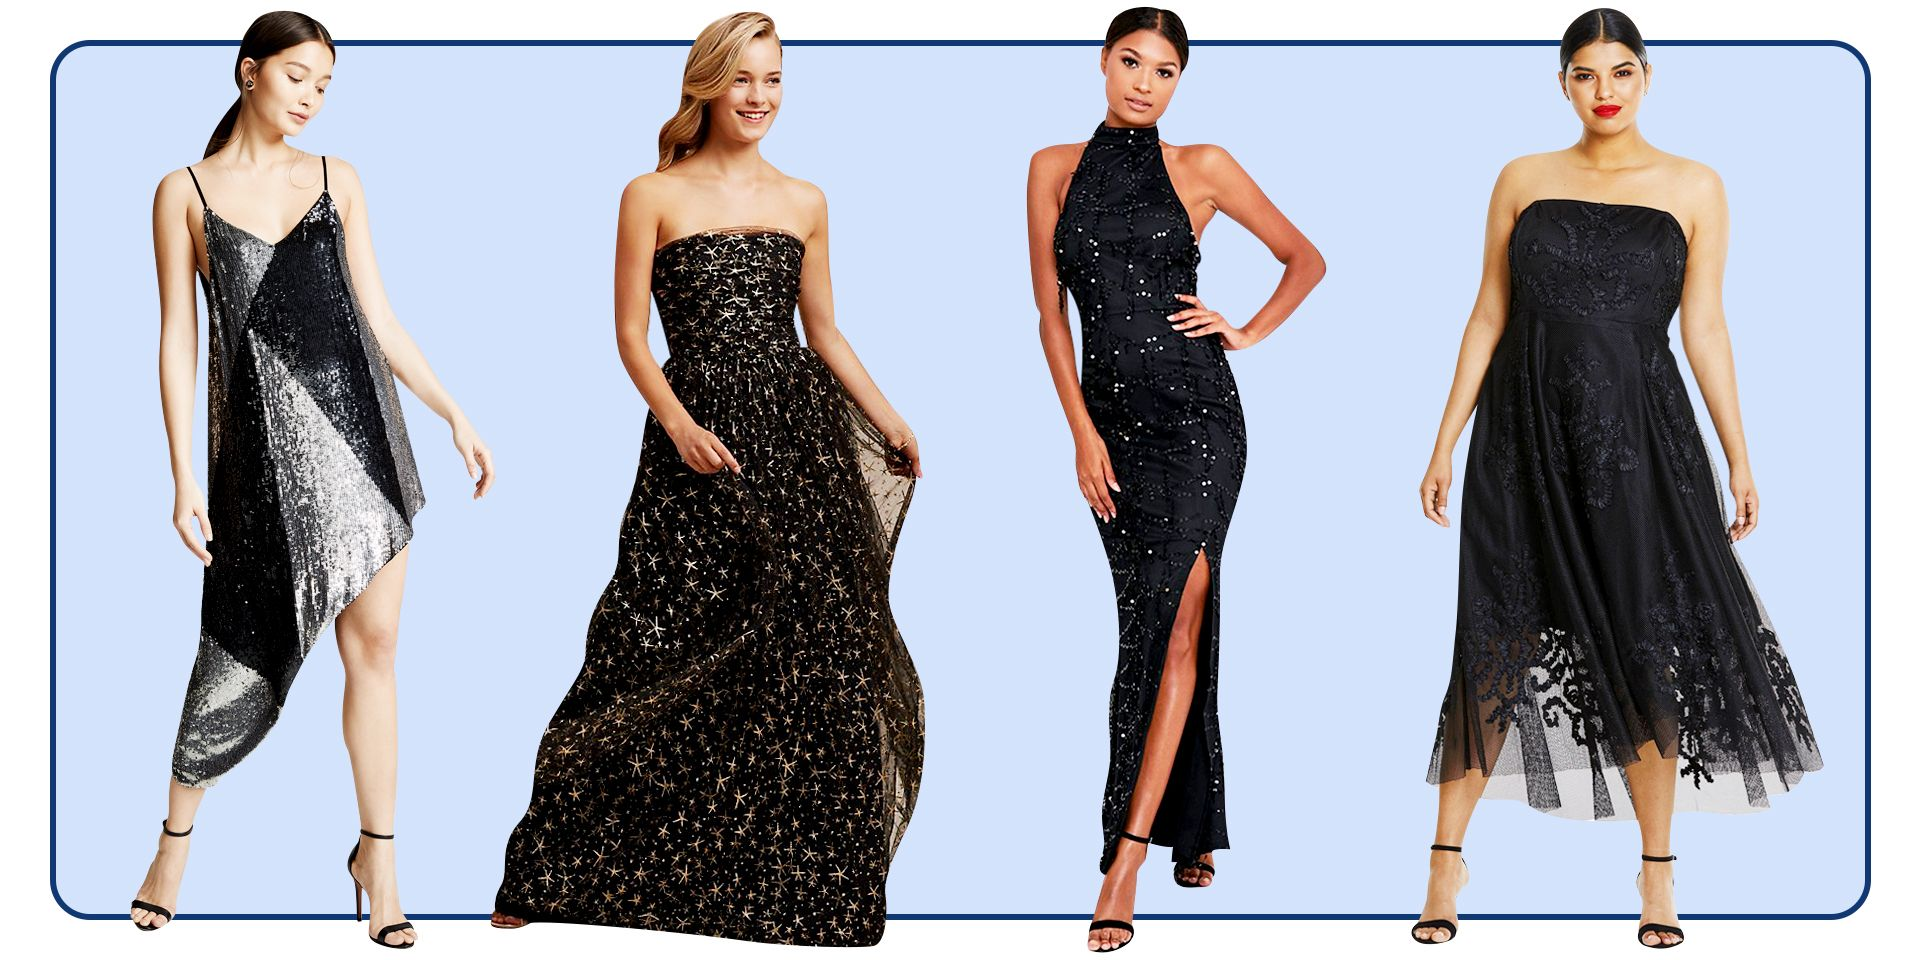 23 Best Black Prom Dresses 2020 , Dark Formal Dresses for Prom